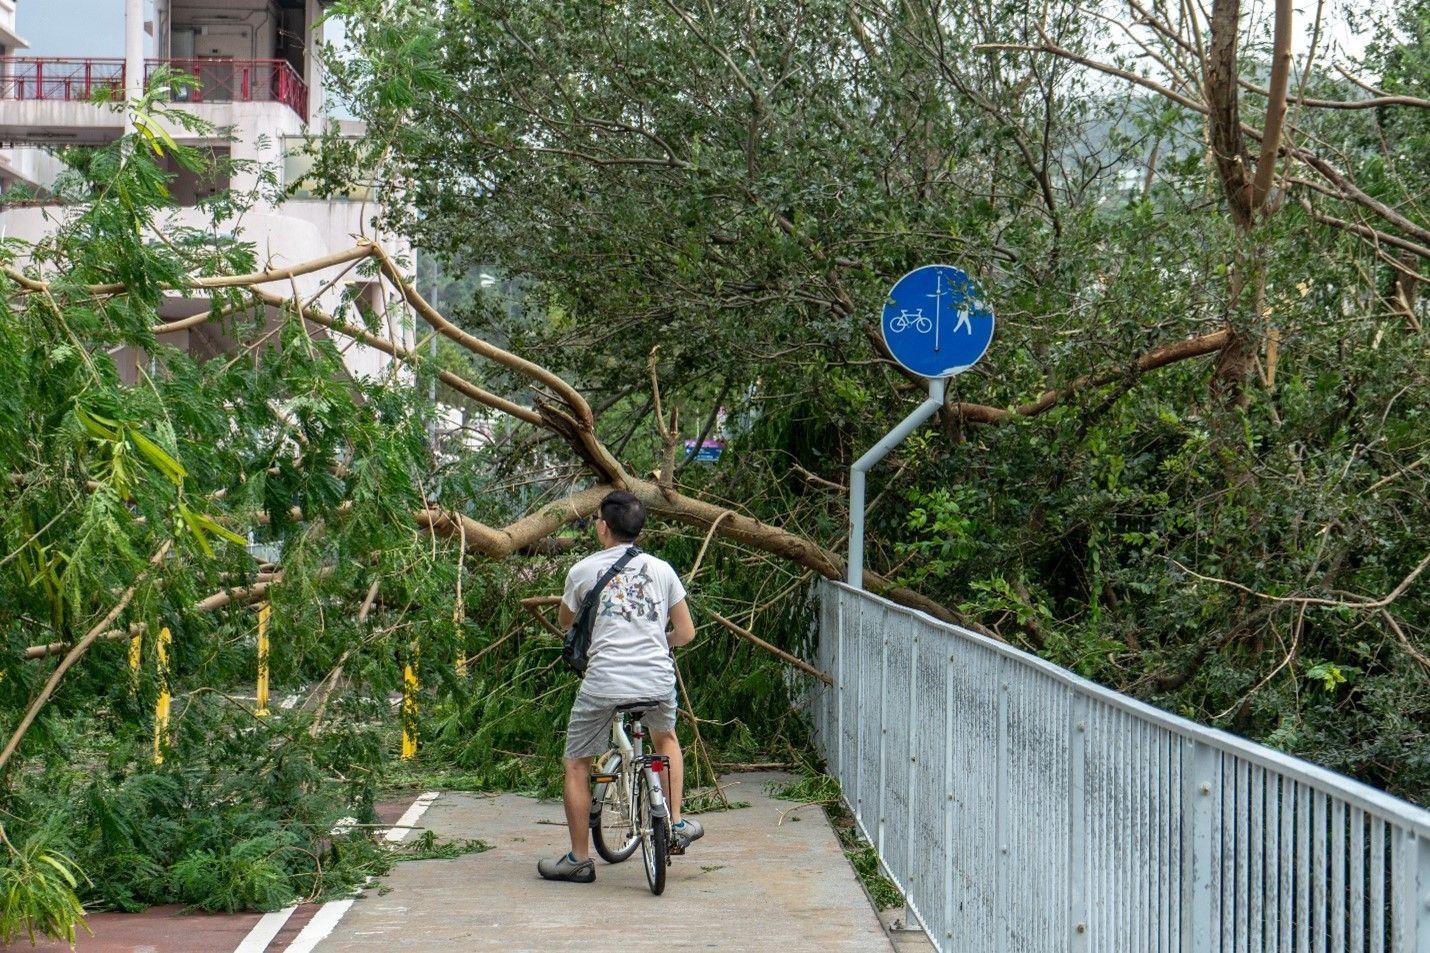 A man on a bike was blocked by fallen trees